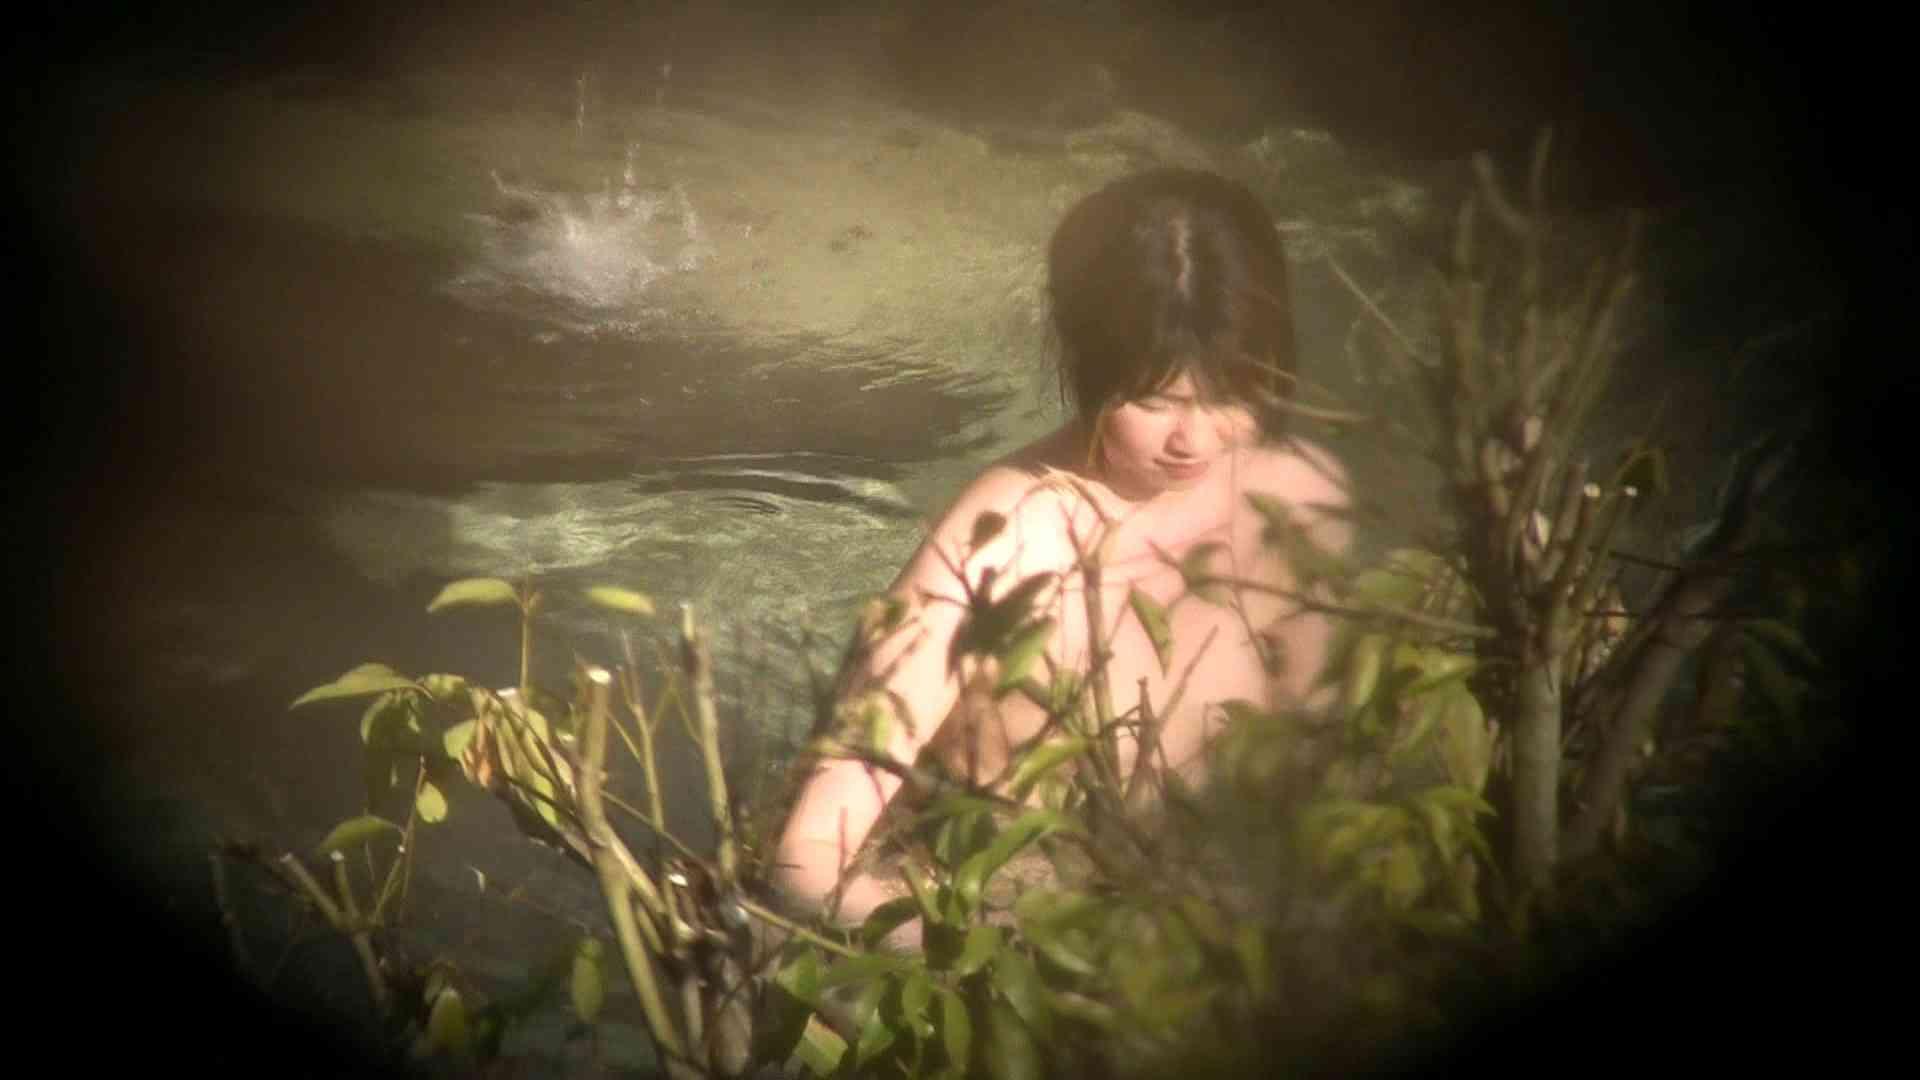 Aquaな露天風呂Vol.698 露天 | OLエロ画像  30PICs 28